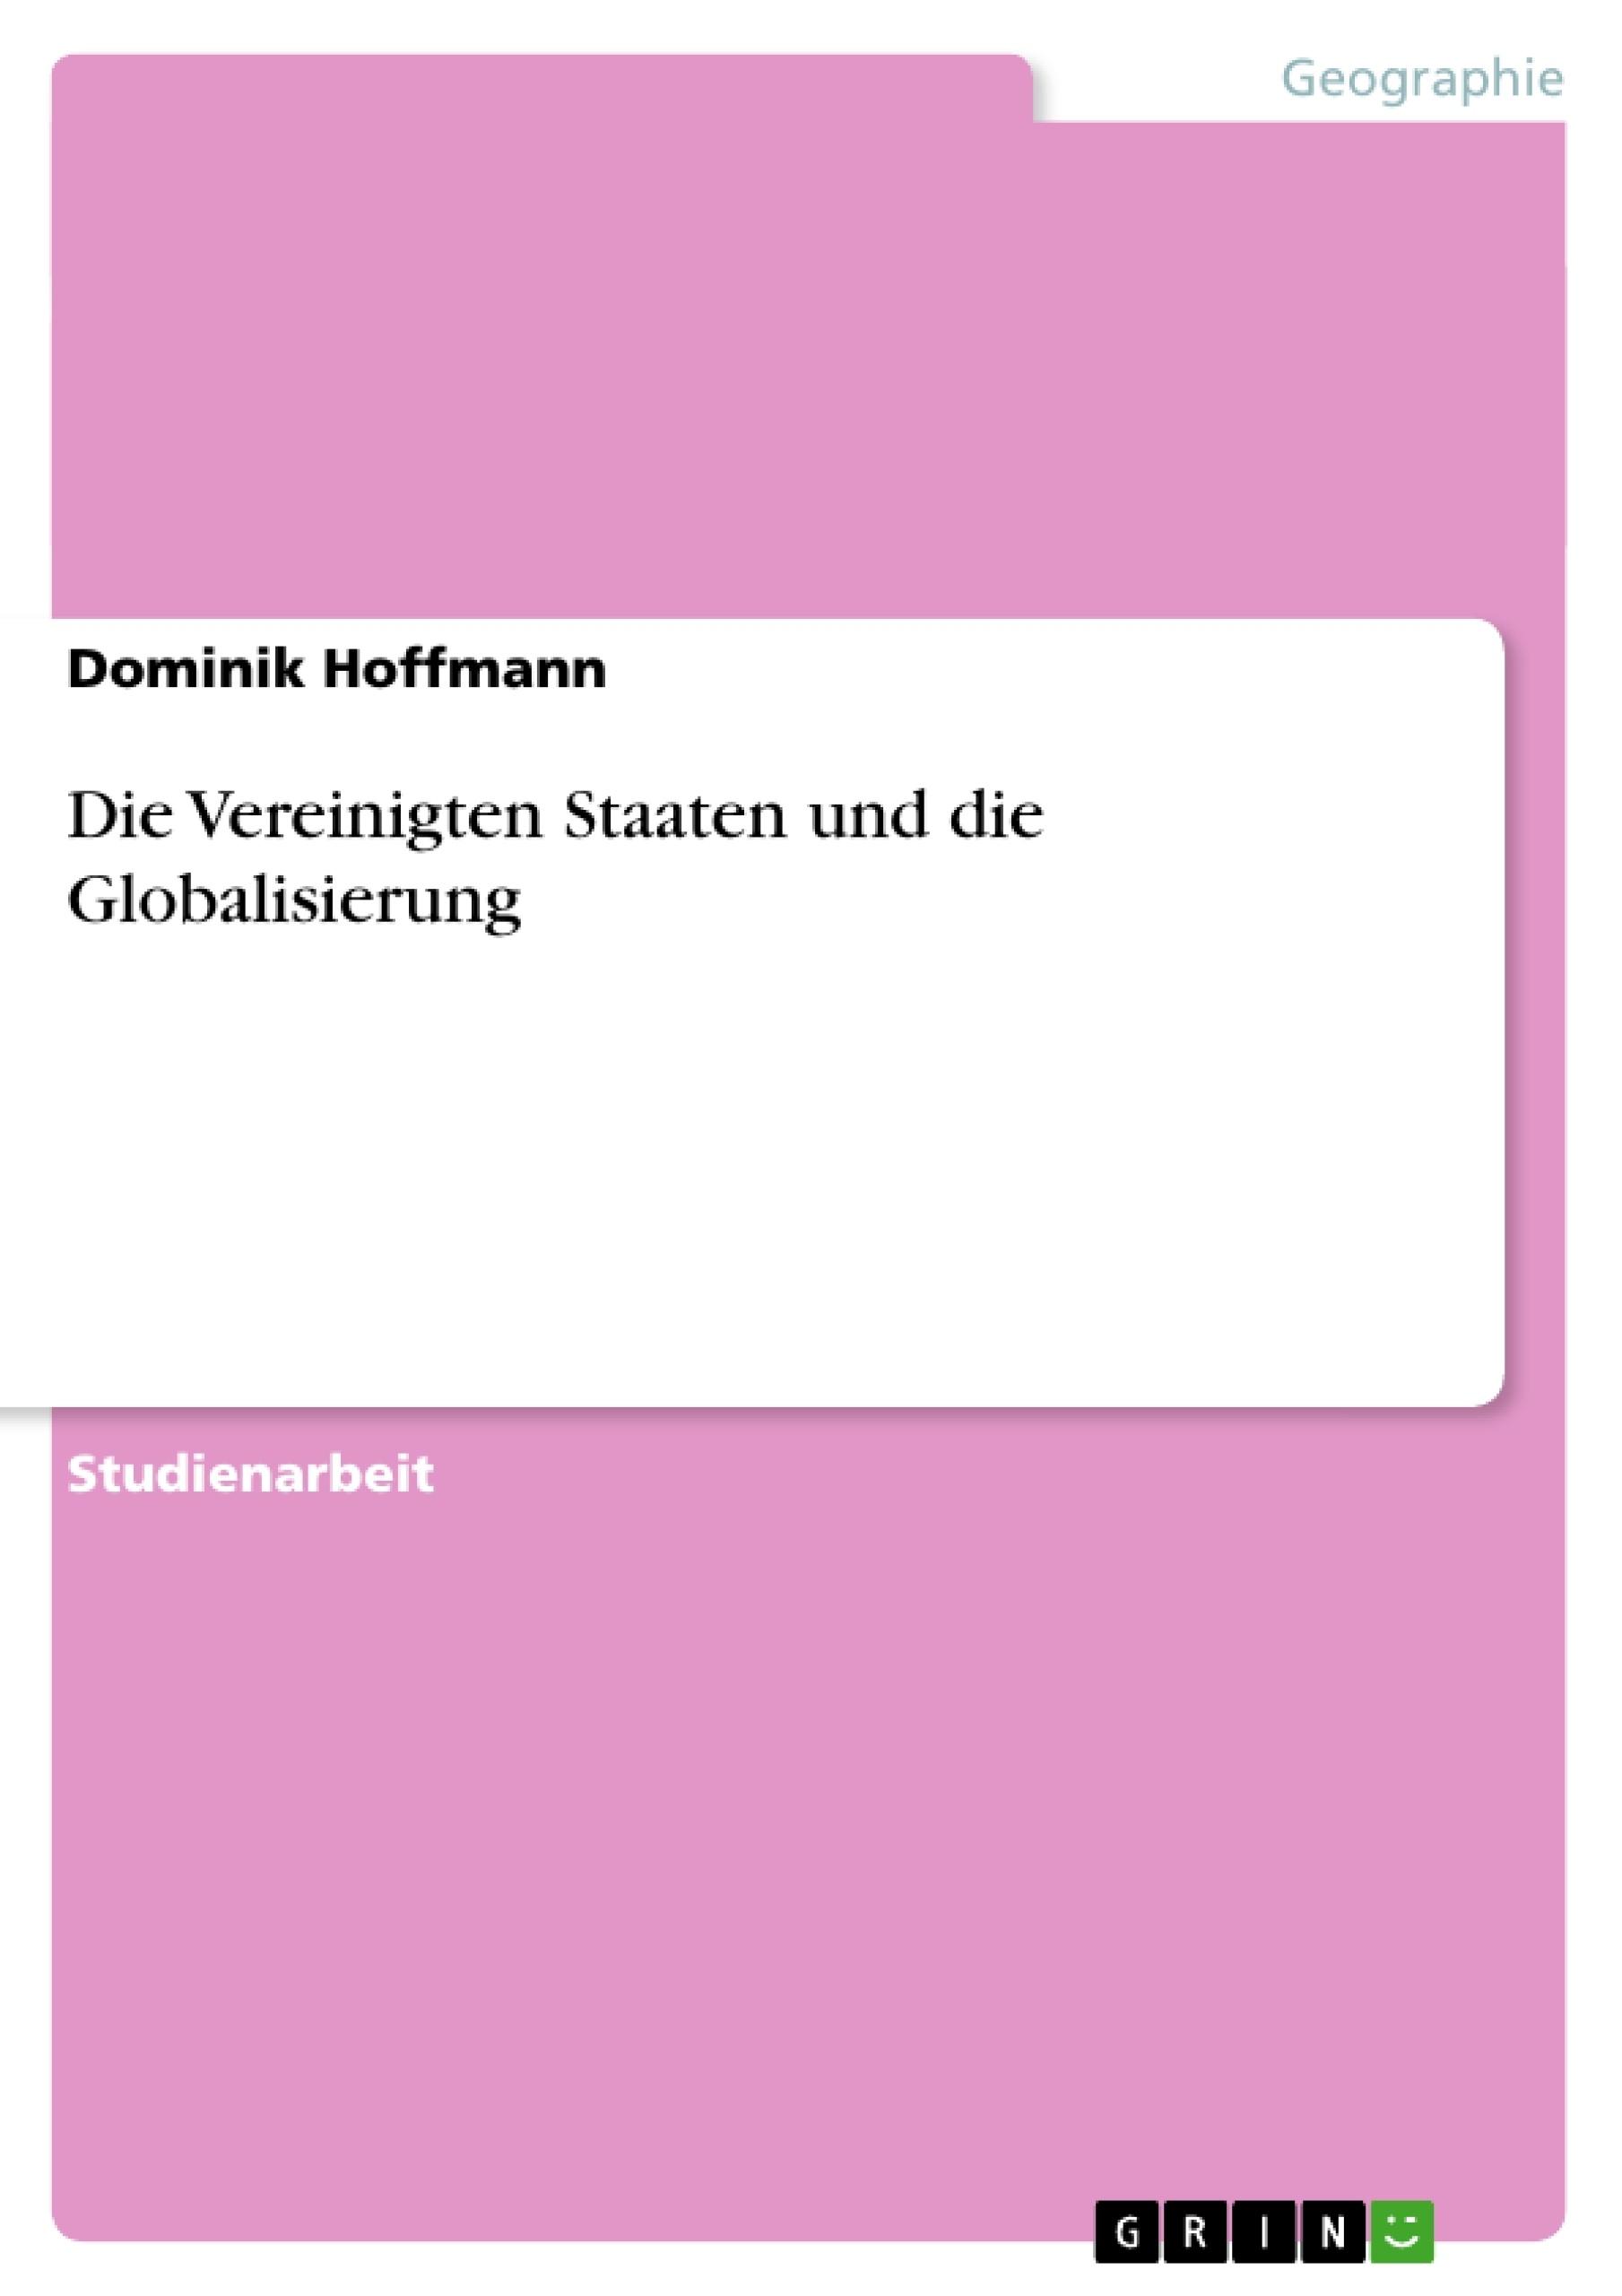 Titel: Die Vereinigten Staaten und die Globalisierung